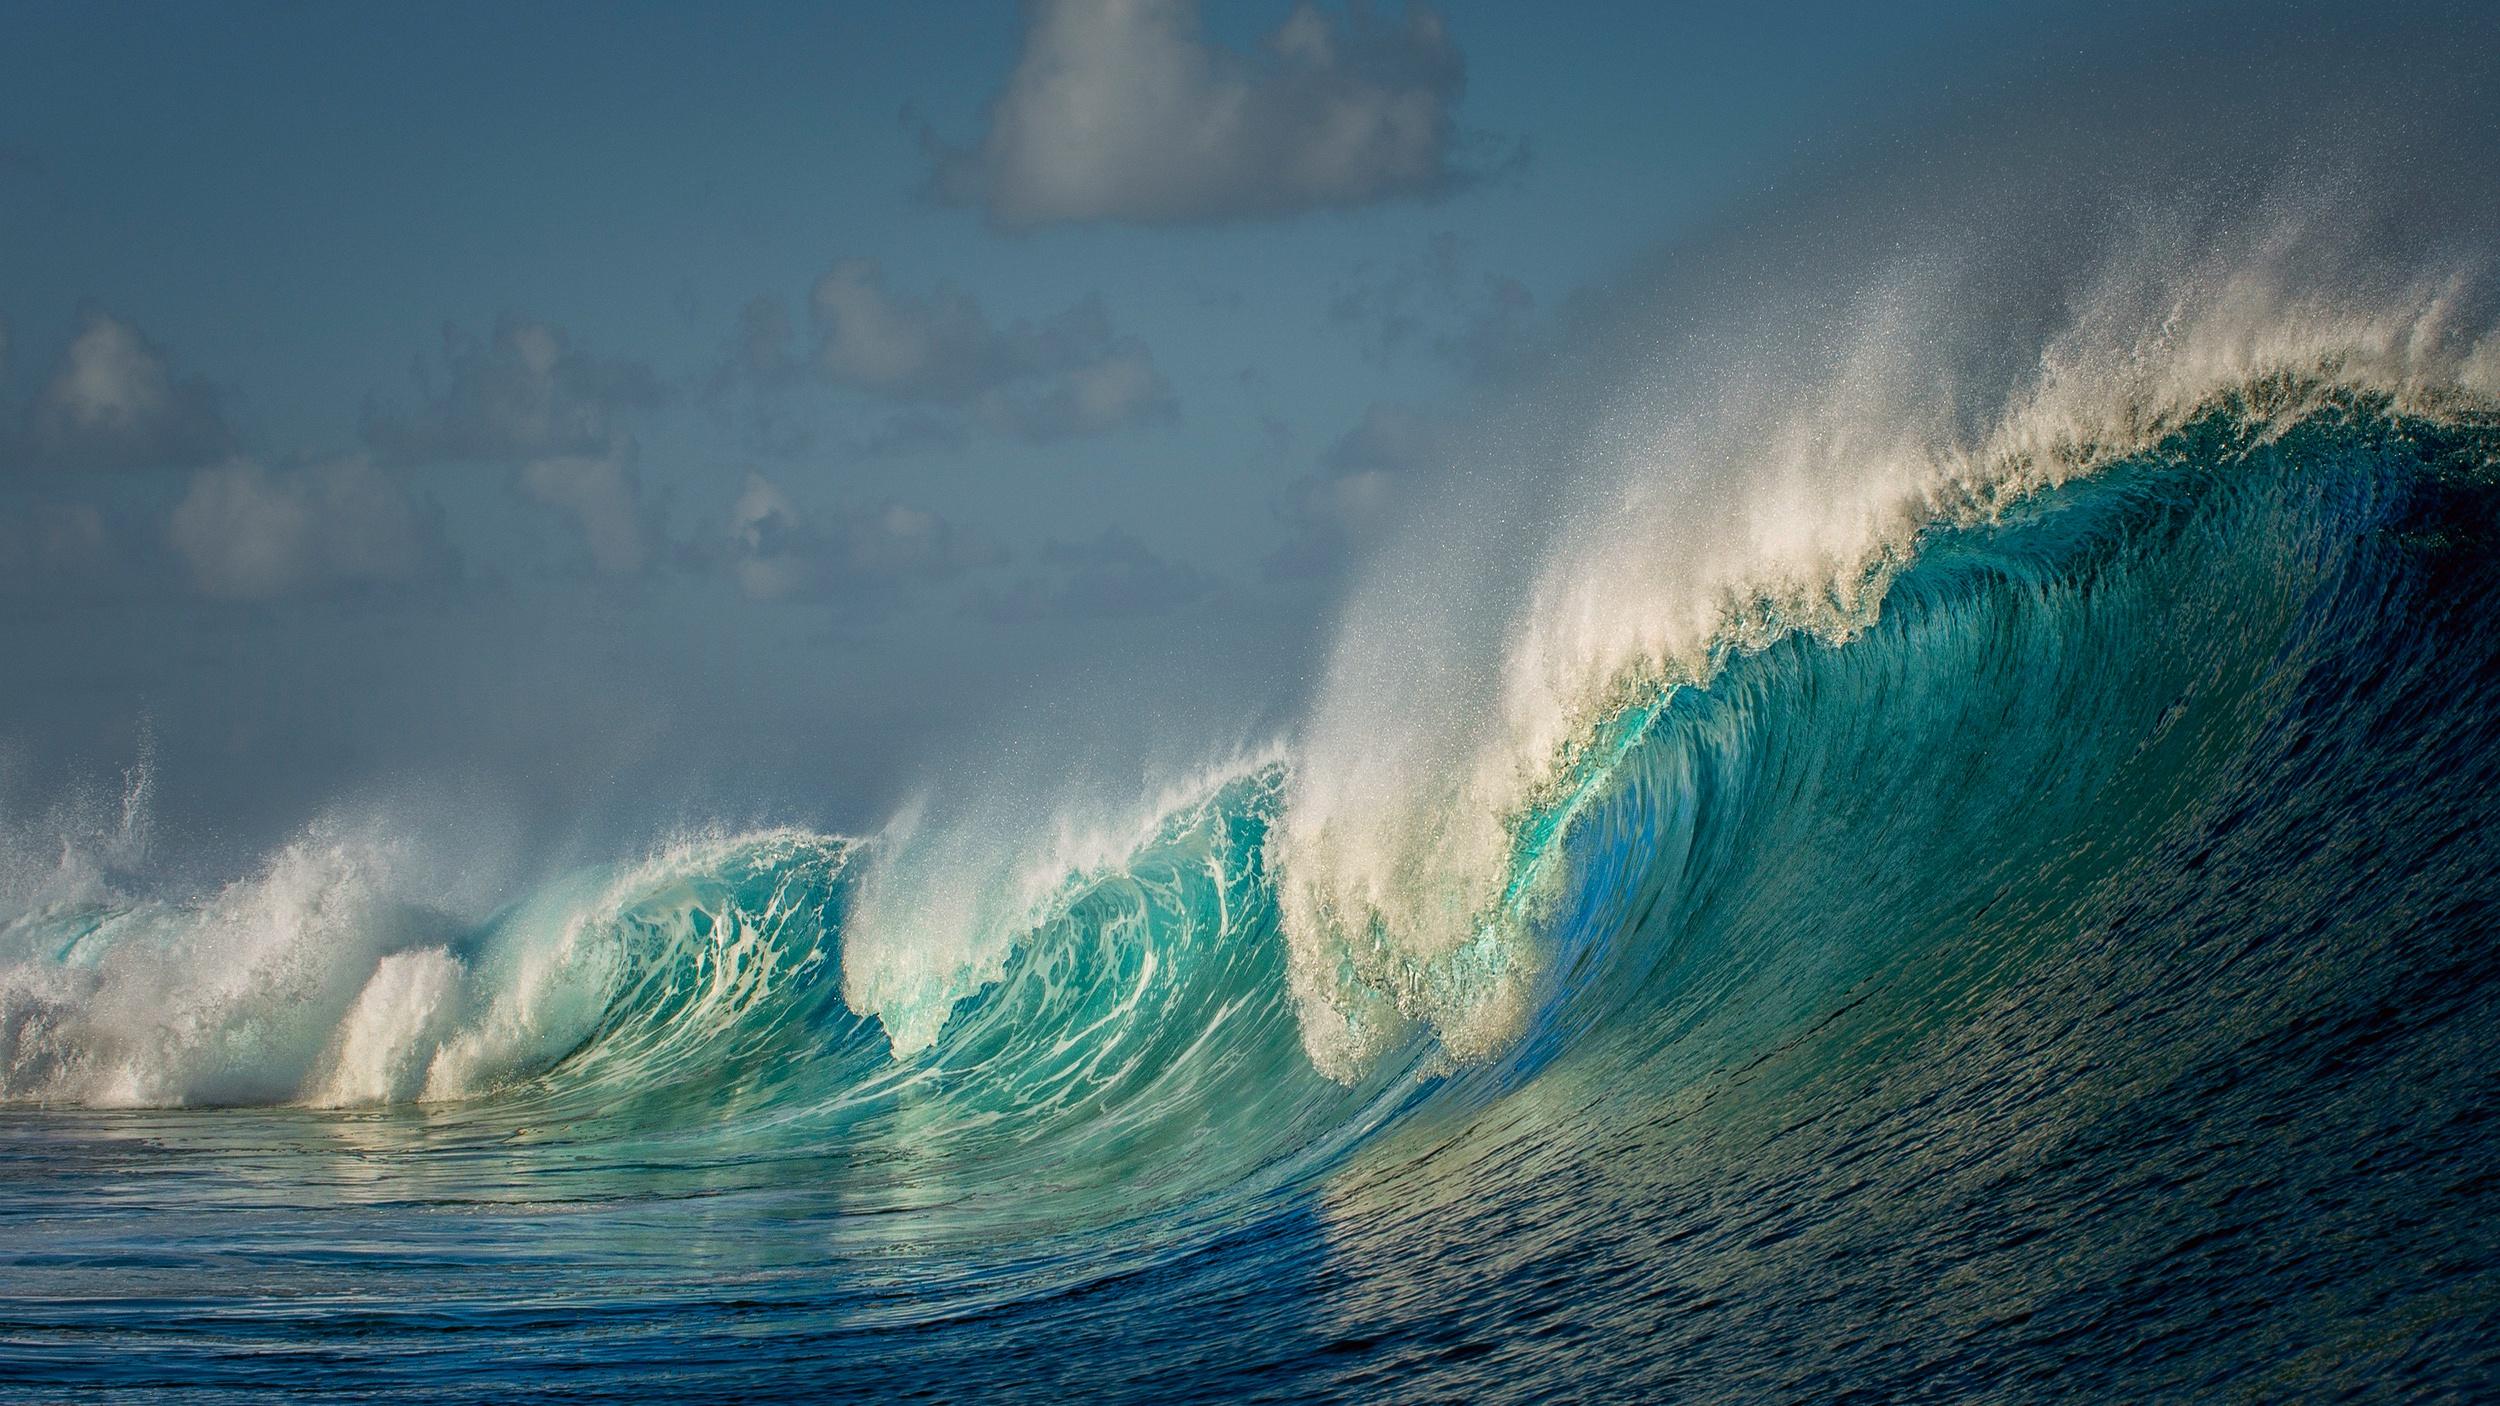 природа волна море вода nature wave sea water  № 739349 бесплатно